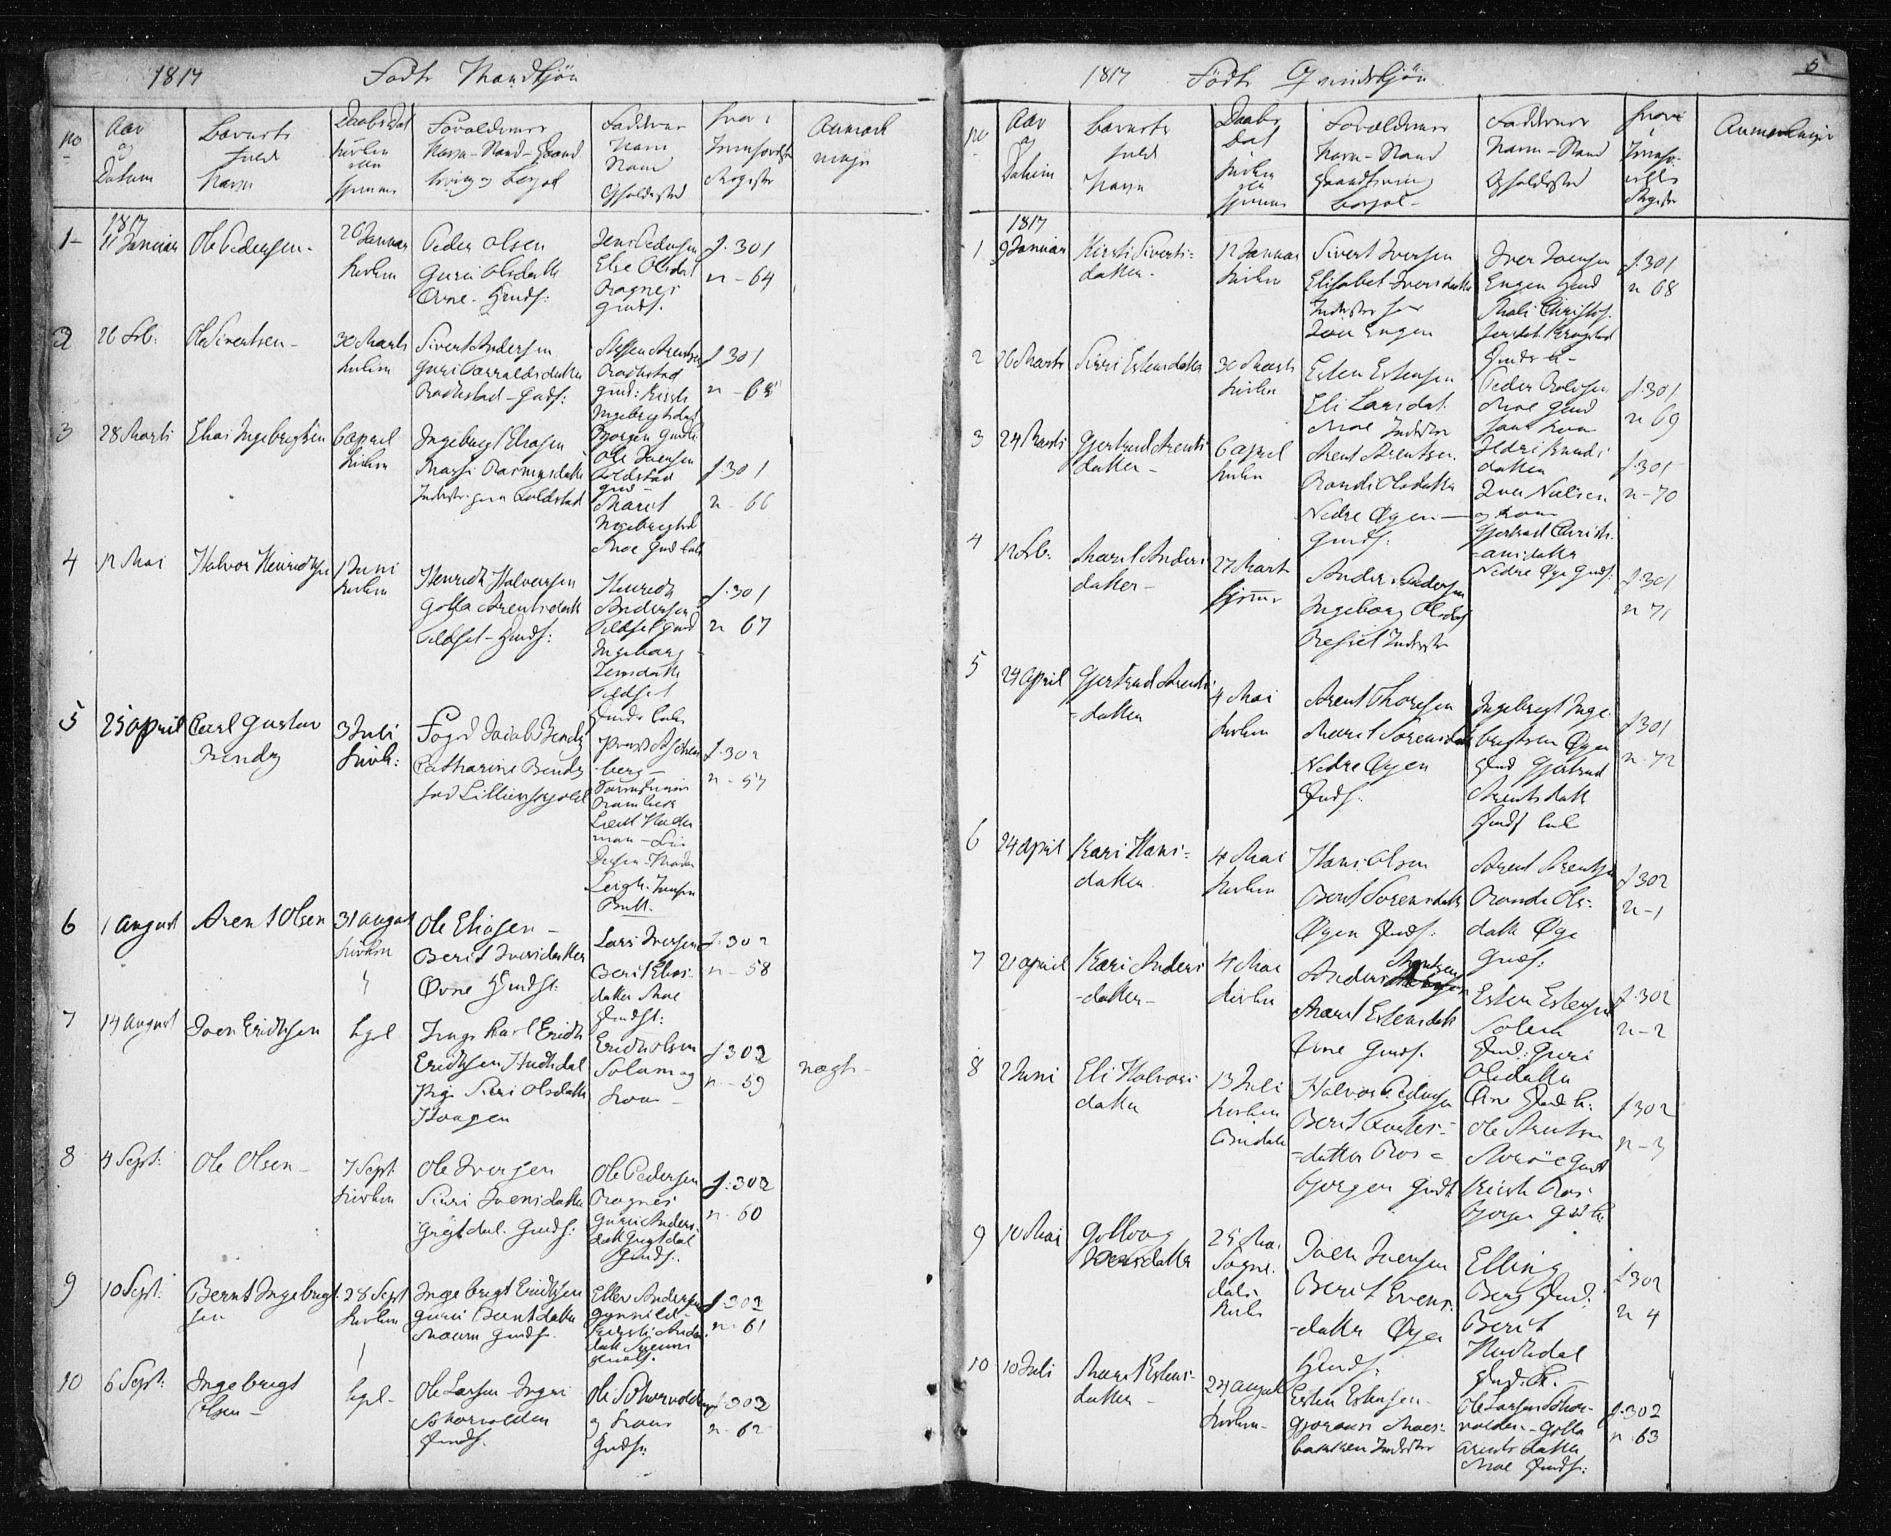 SAT, Ministerialprotokoller, klokkerbøker og fødselsregistre - Sør-Trøndelag, 687/L1017: Klokkerbok nr. 687C01, 1816-1837, s. 5